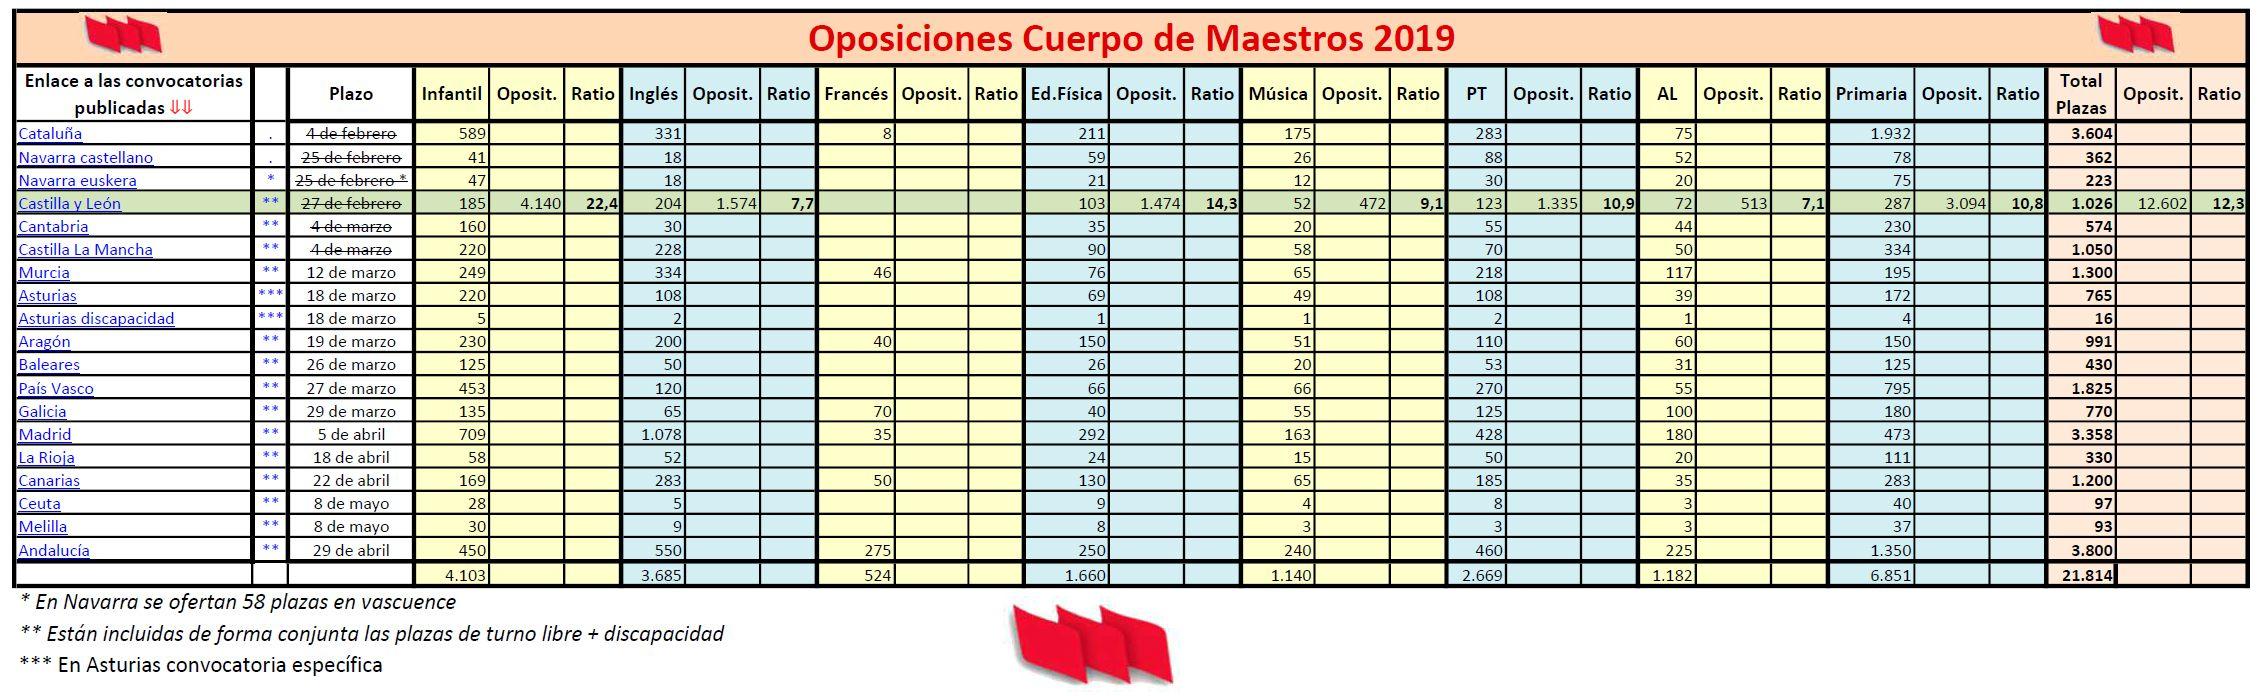 Oposiciones-Maestros-2019-Ratio